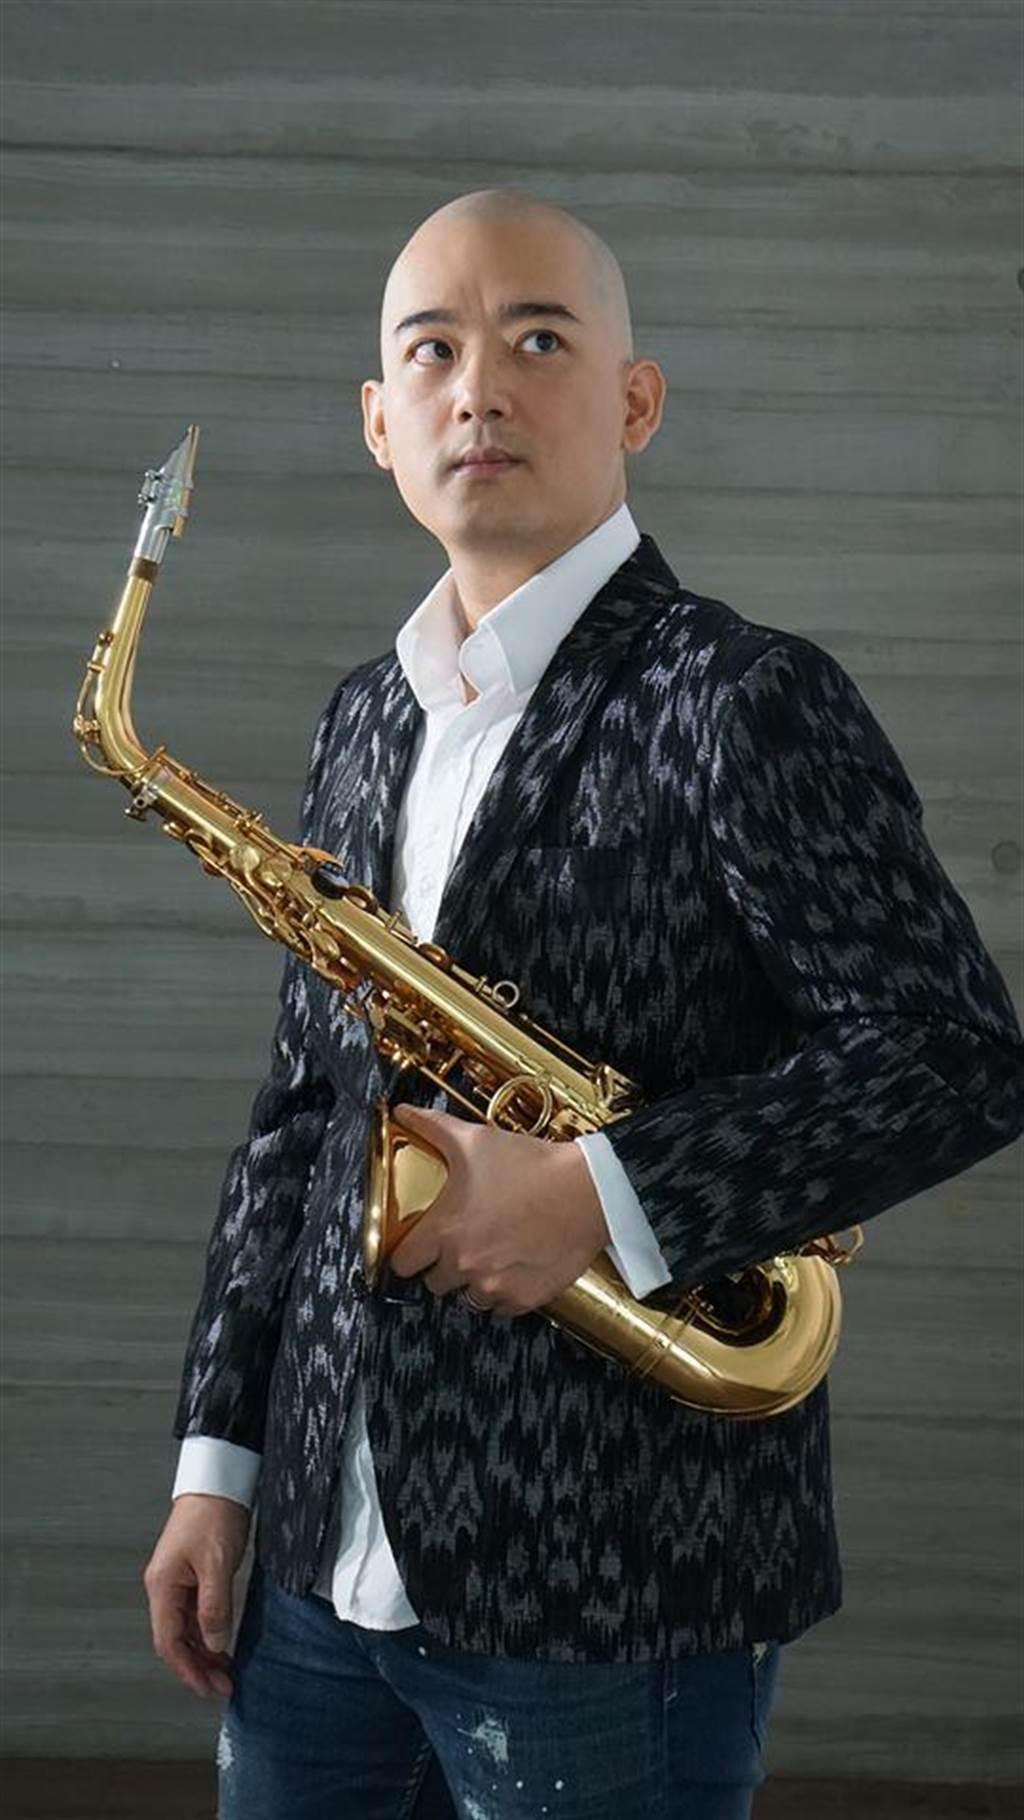 江川徹新專輯融合薩克斯風迷人魅力與台灣流行樂元素。